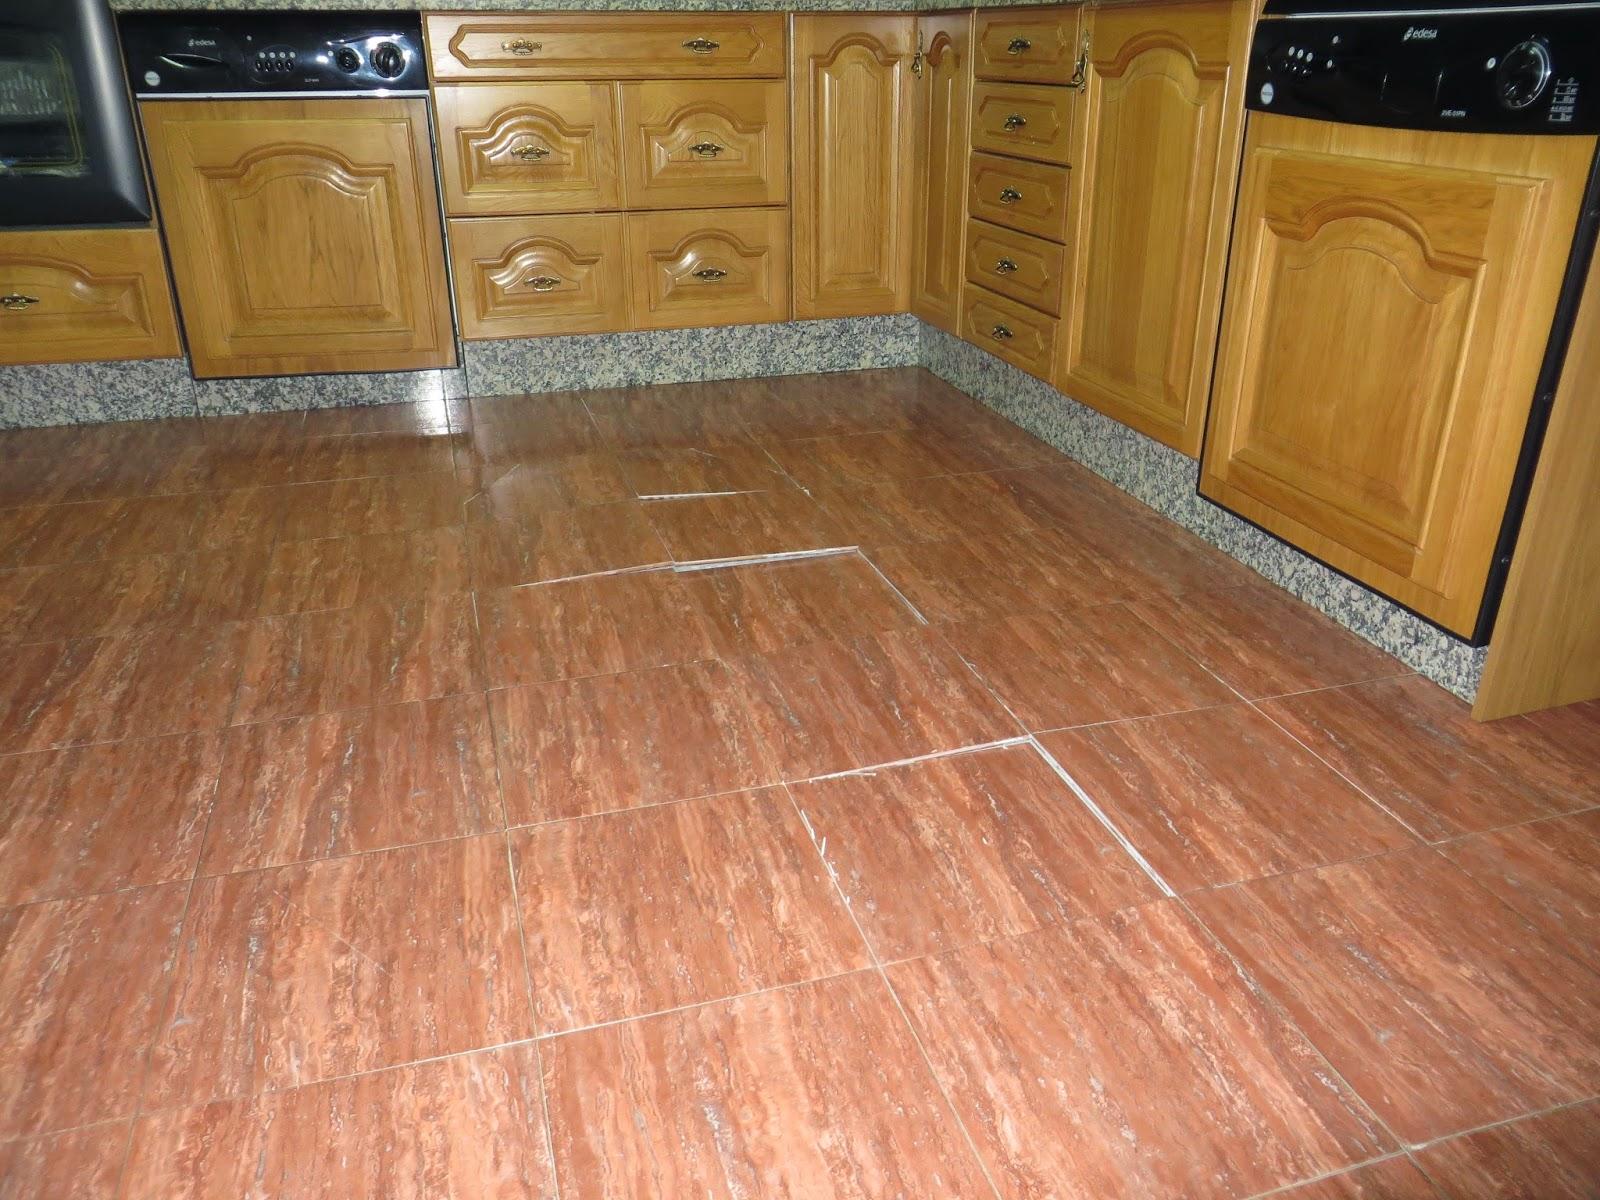 Reformas en León. Realizamos todo tipo de reformas y reparaciones del hogar en León.Presupuestos tlf 618848709 y 987846623.